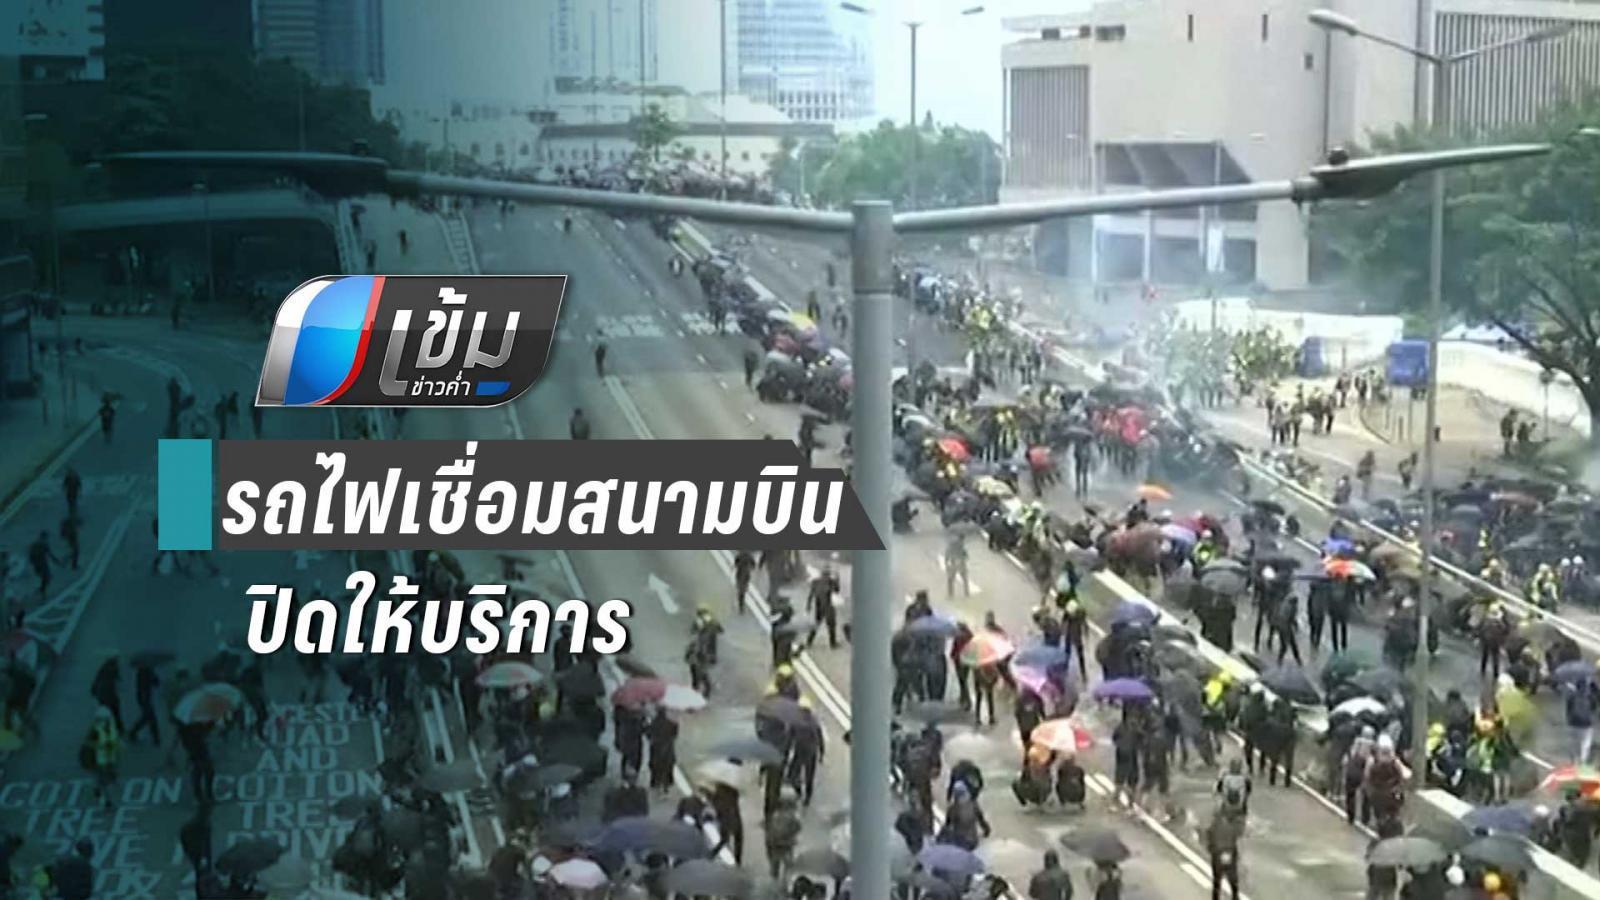 รถไฟเชื่อมสนามบินฮ่องกง ปิดให้บริการ หลังม็อบป่วน